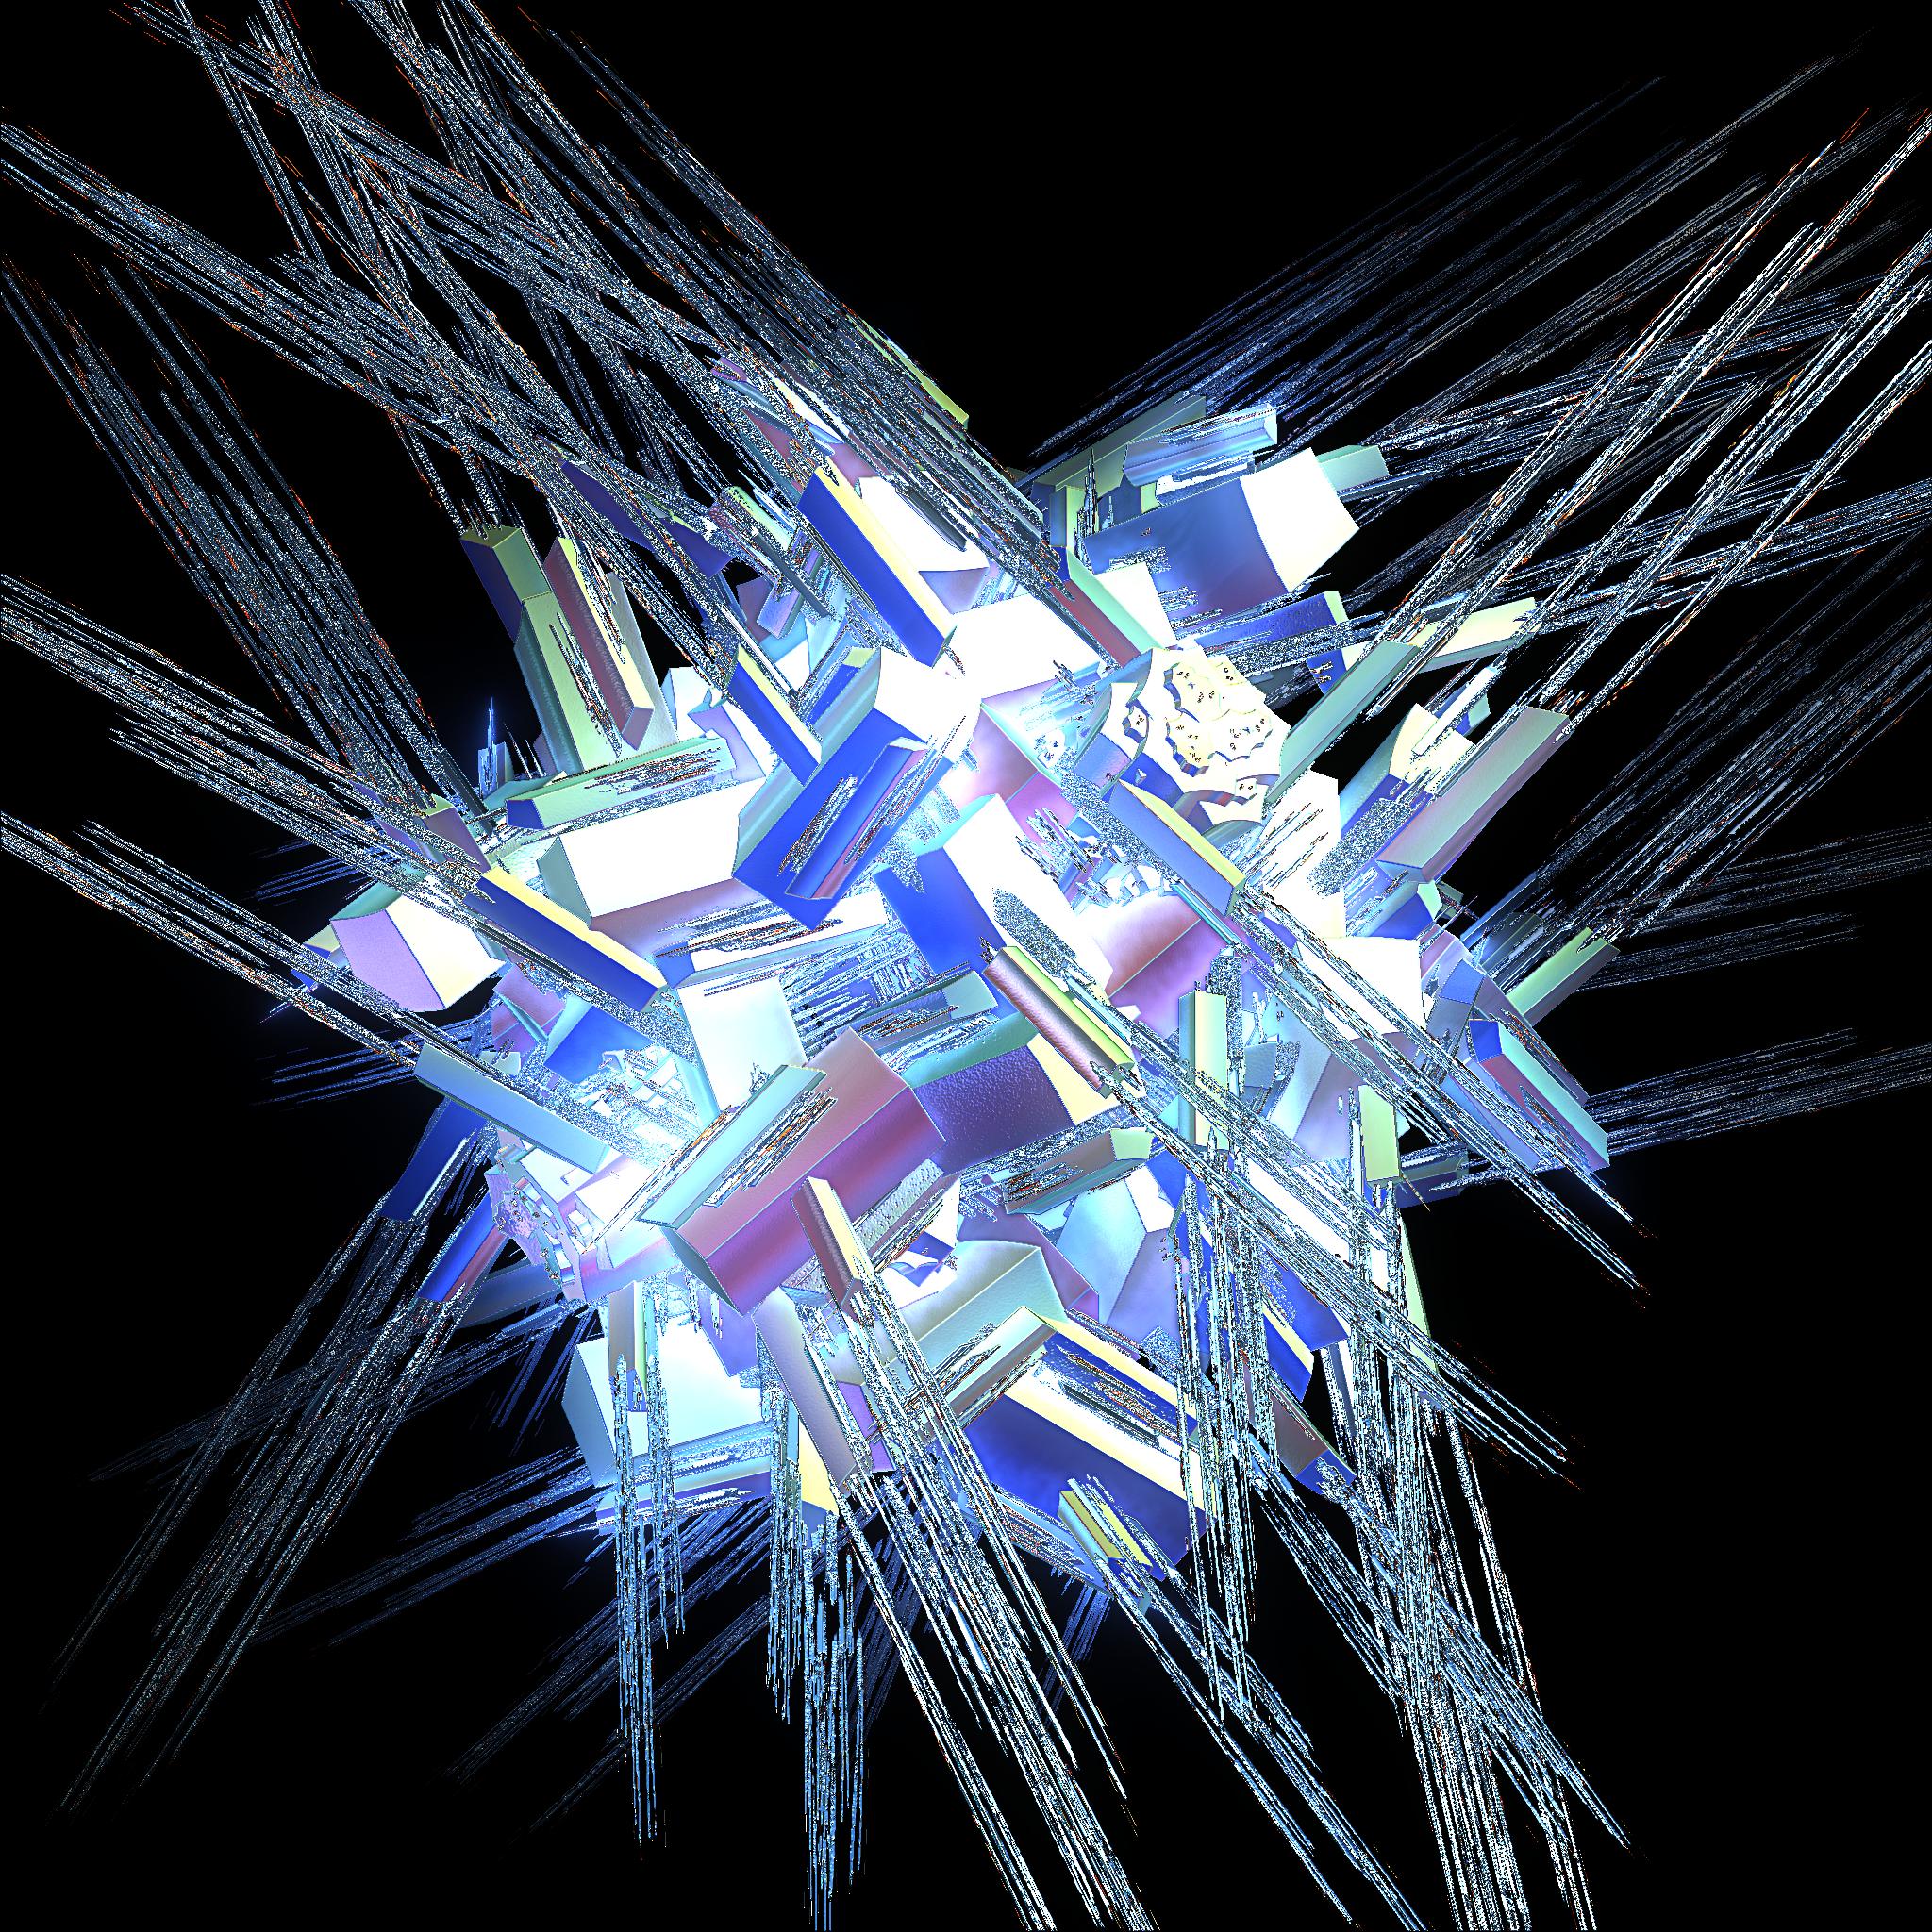 Fractal Pendant Lights: Crystals By Jahpickney Digital Art